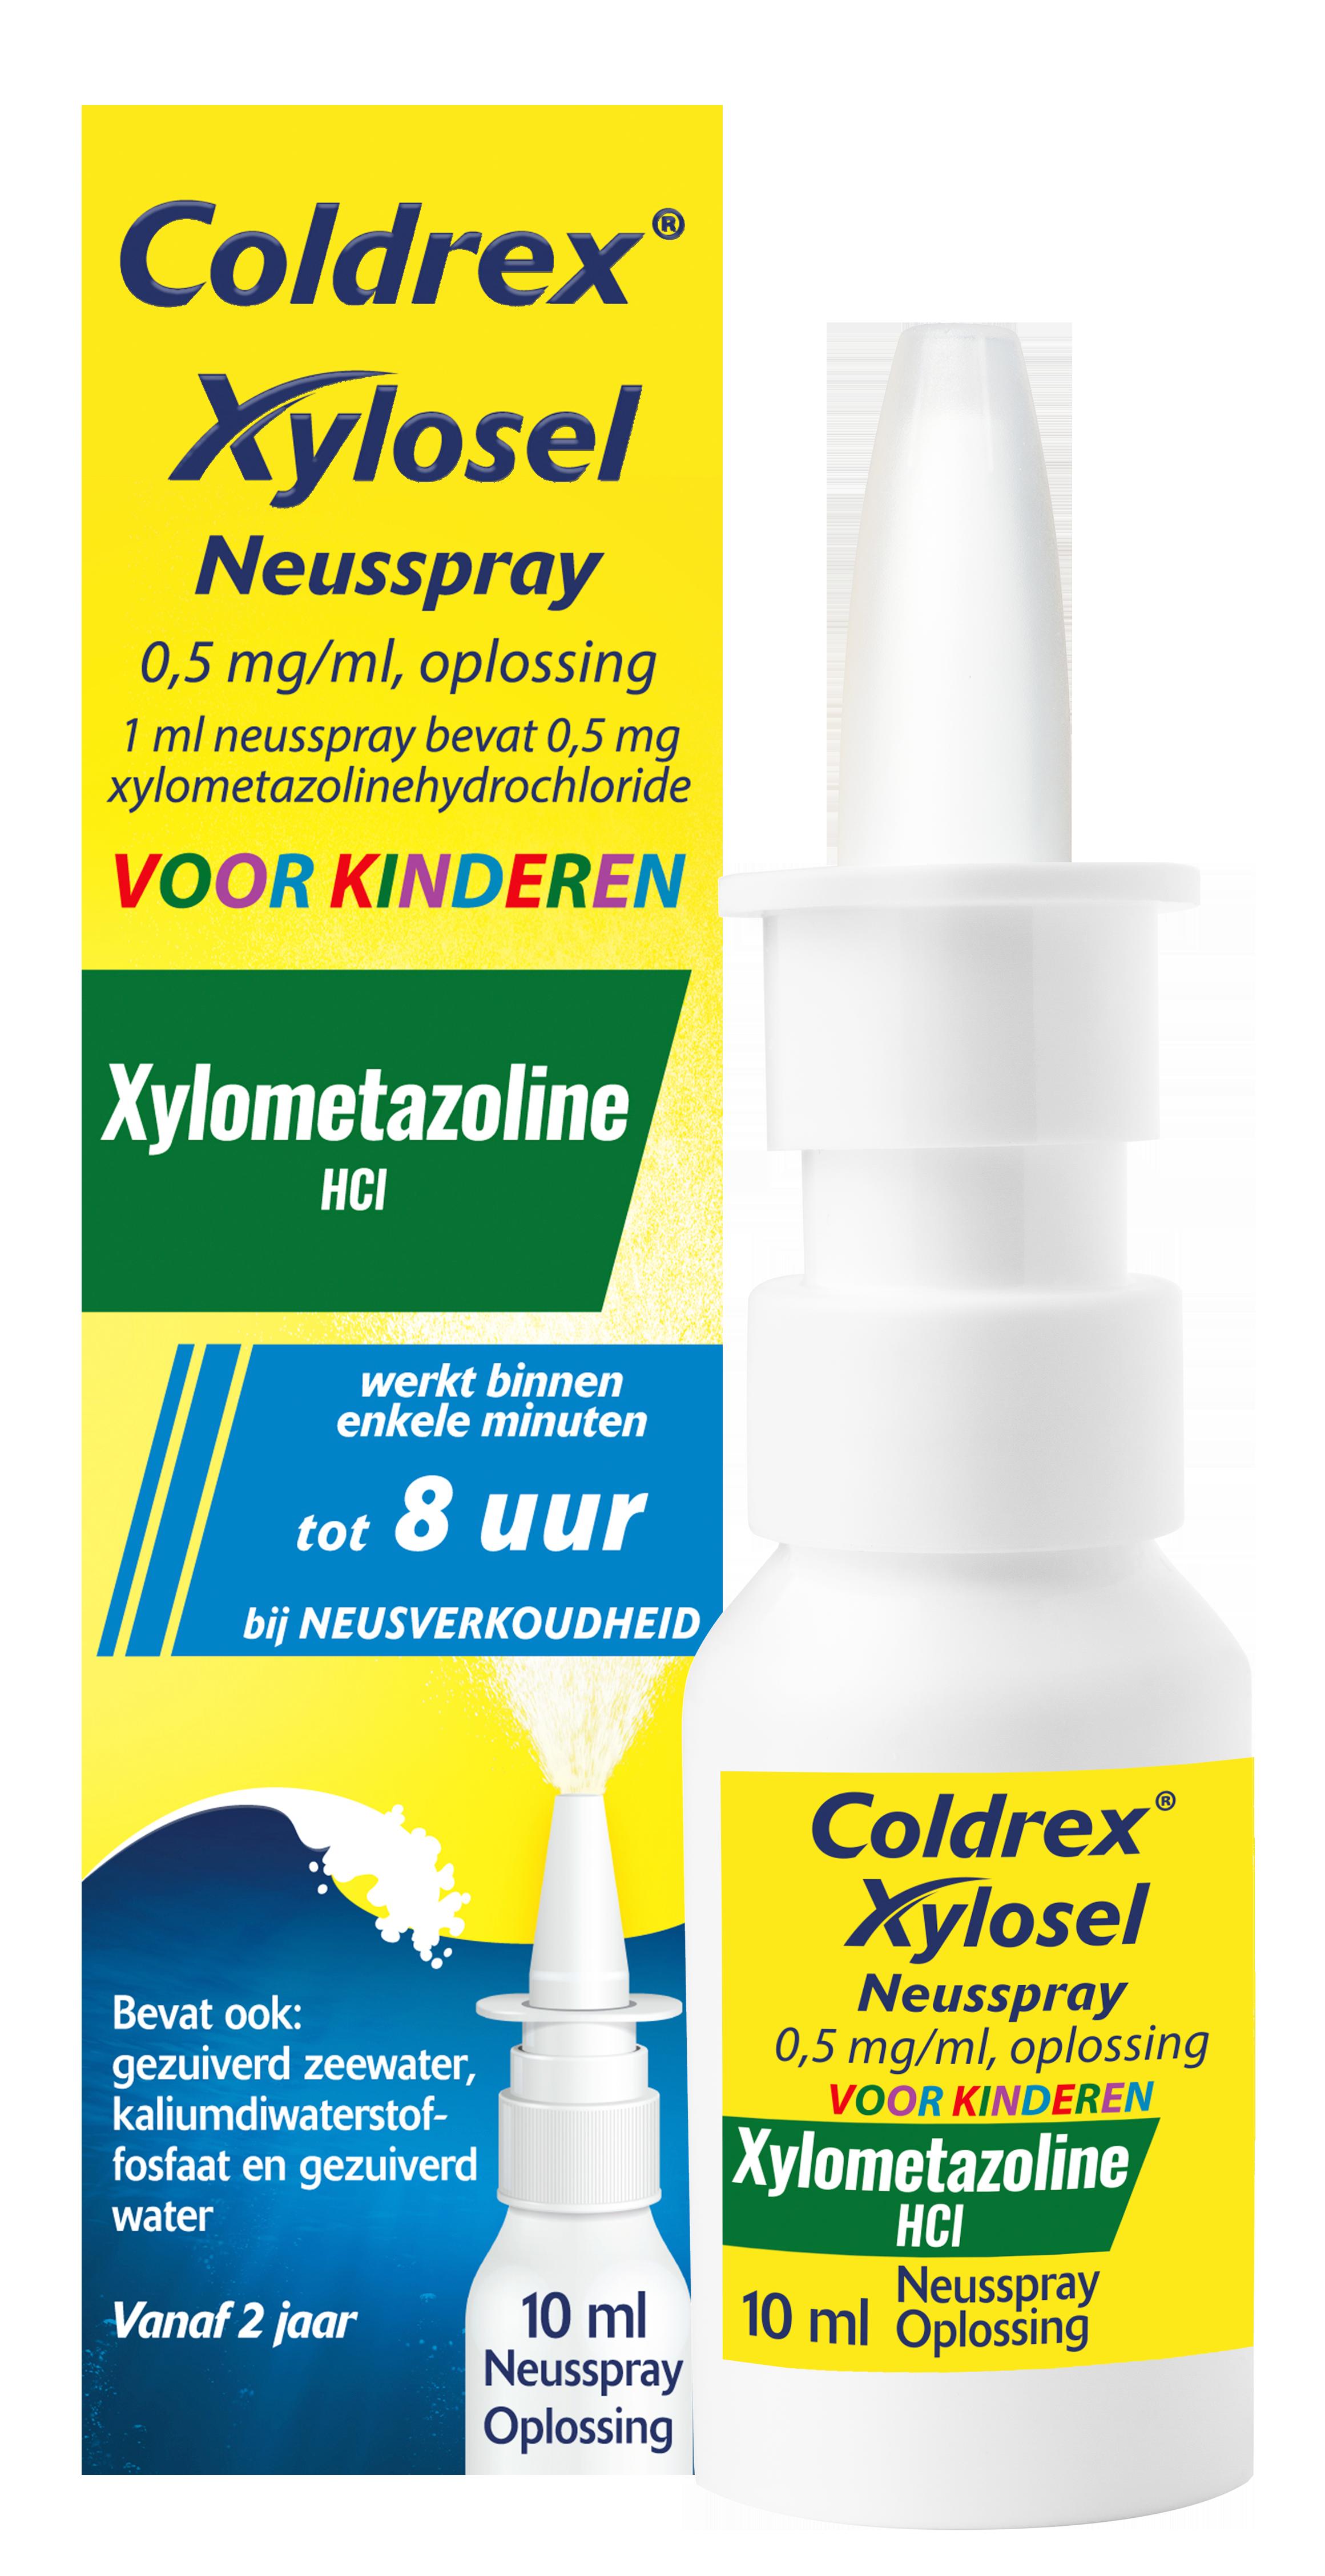 Coldrex Xylosel Neusspray voor kinderen